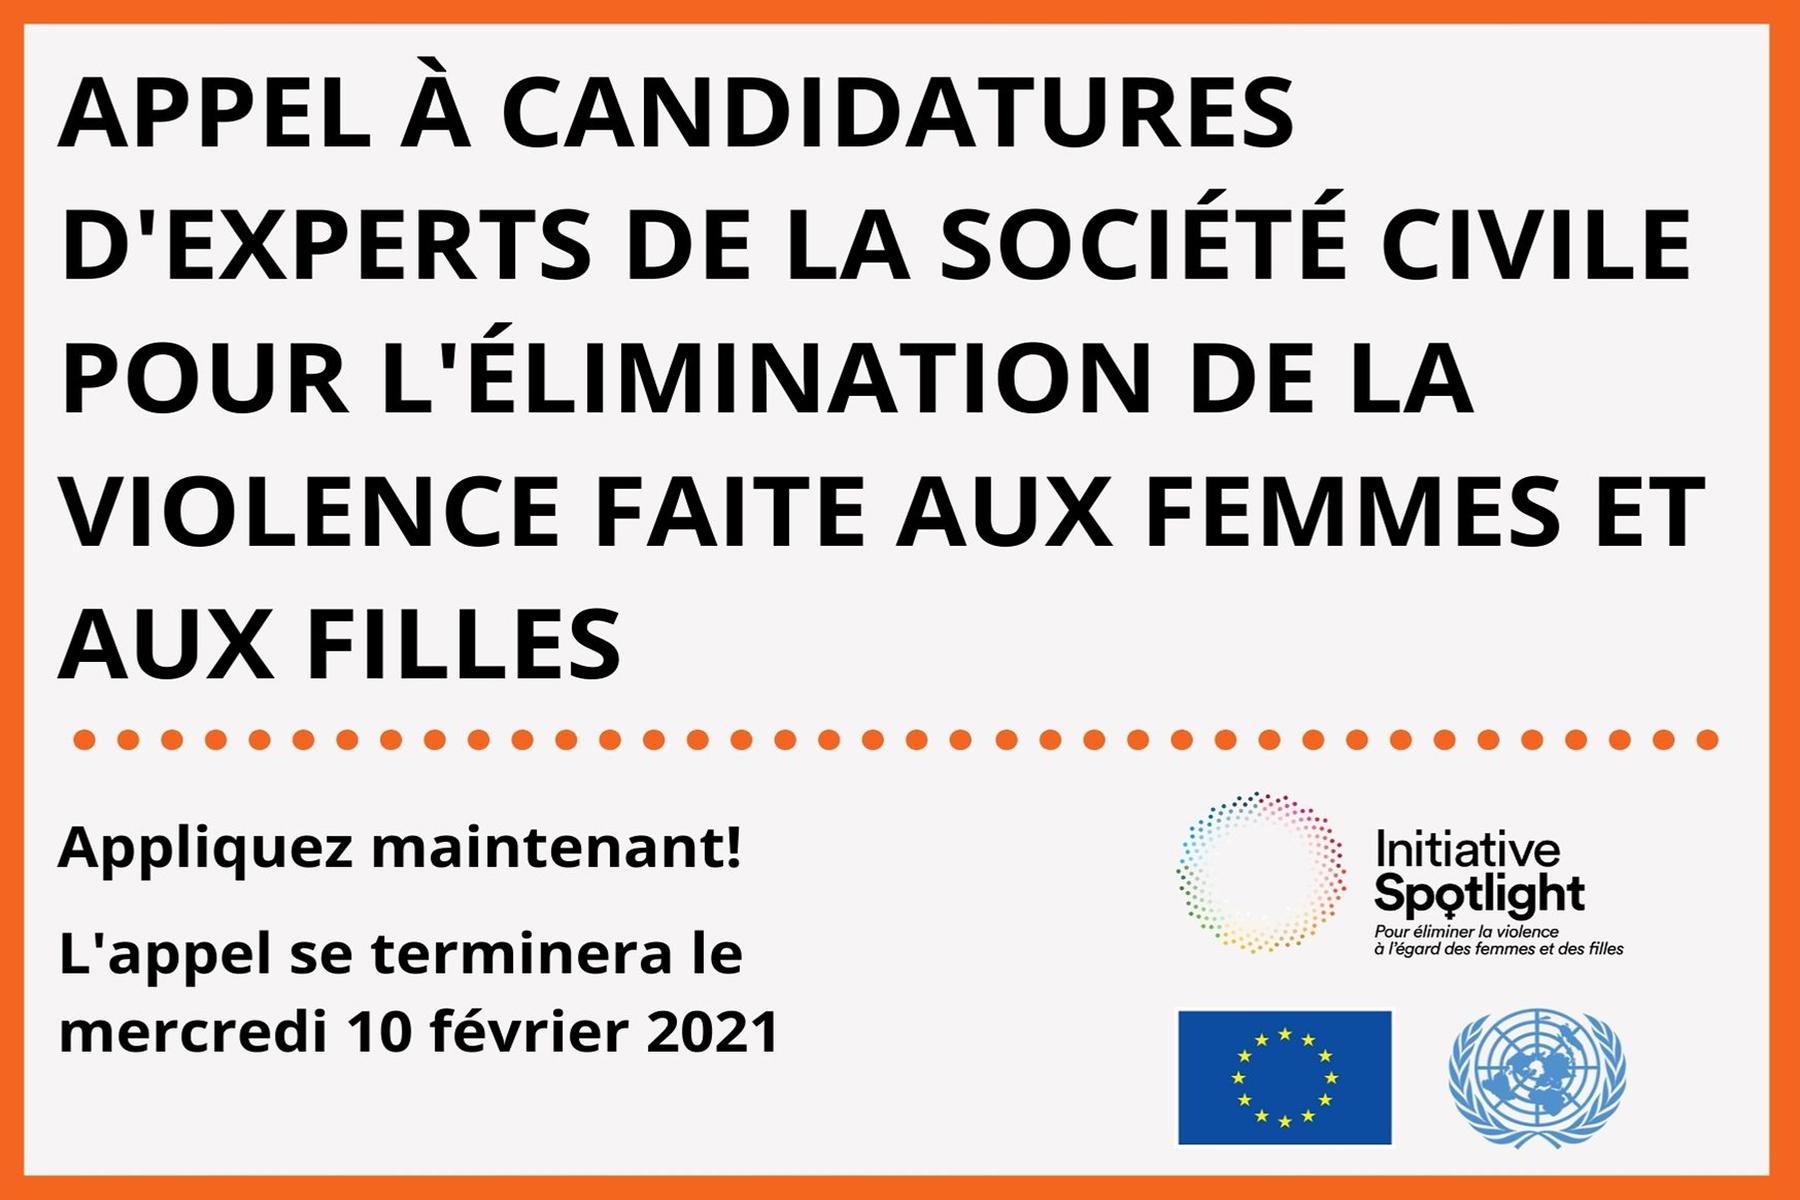 Appel a candidature pour le Groupe de Référence de la Société Civile-Projet Spotlight.